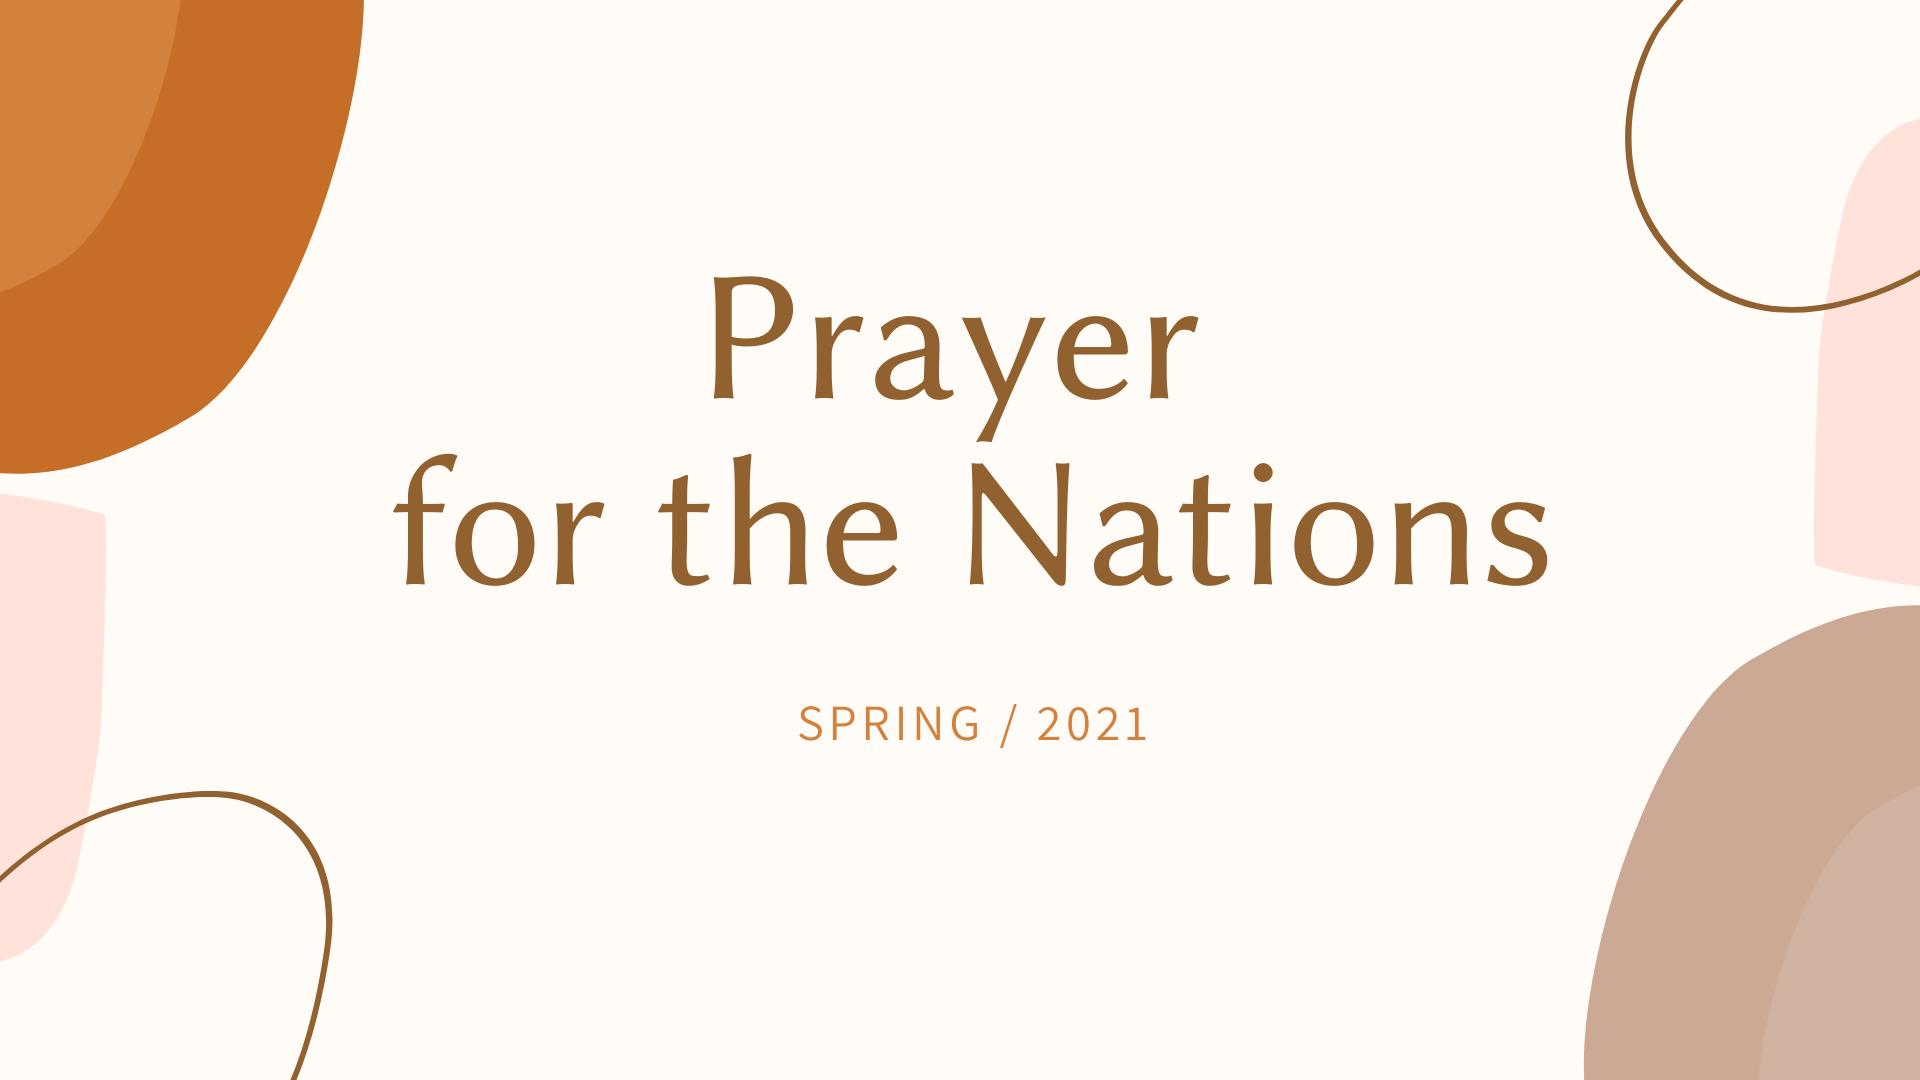 선교지를 위한 기도 2021년 봄